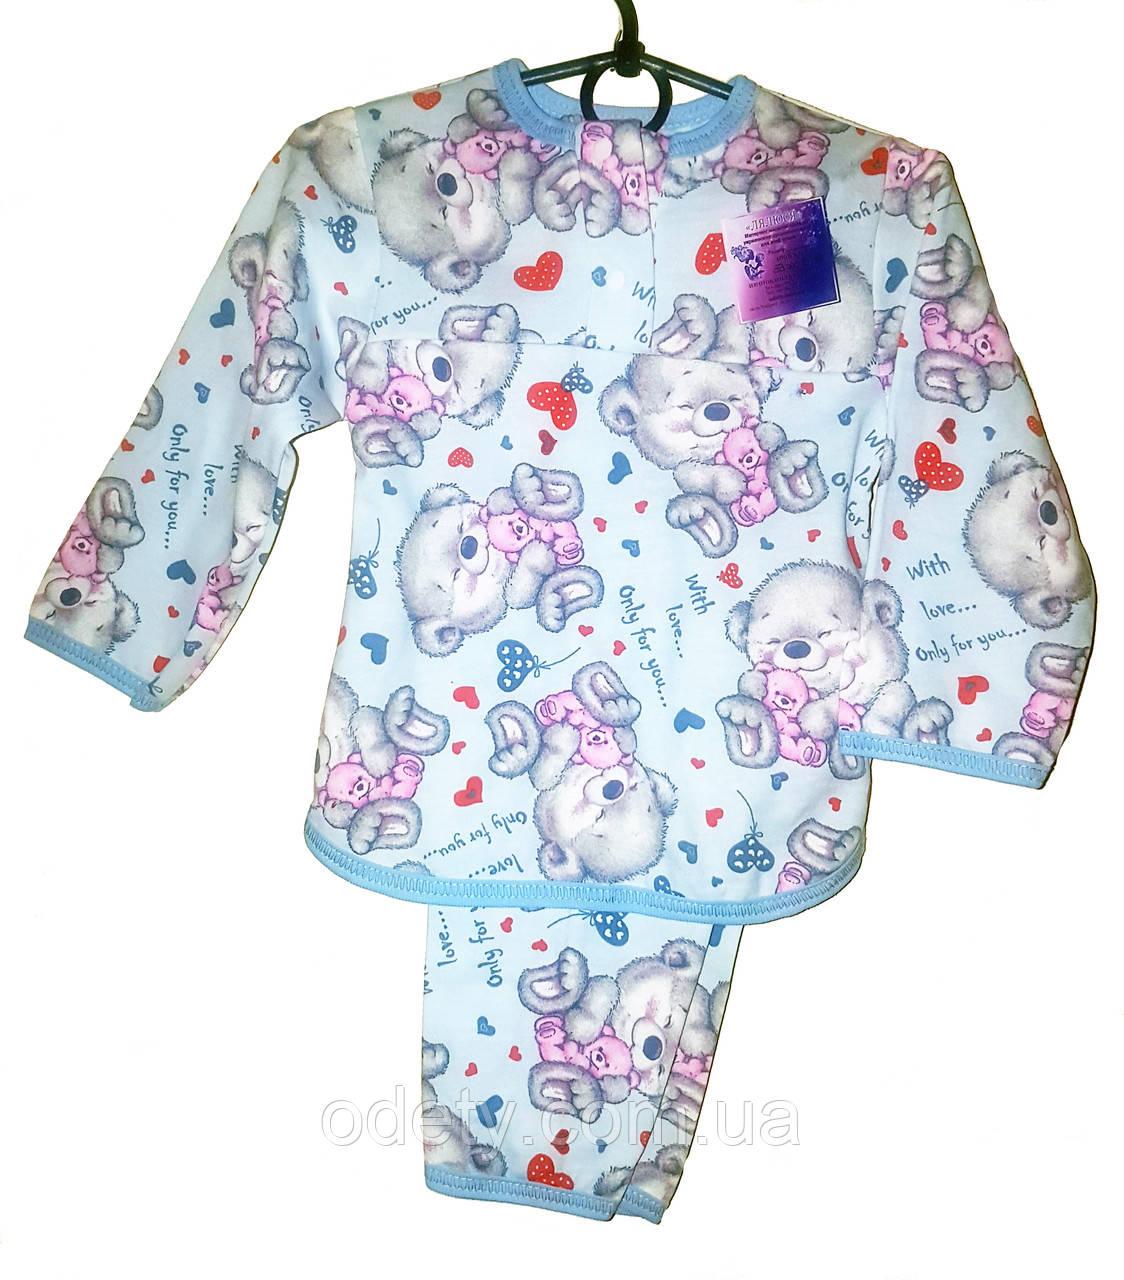 a4edec345fd3f Теплая детская пижама. Пижама детская с начесом на пуговке. Детская пижама  с начесом.